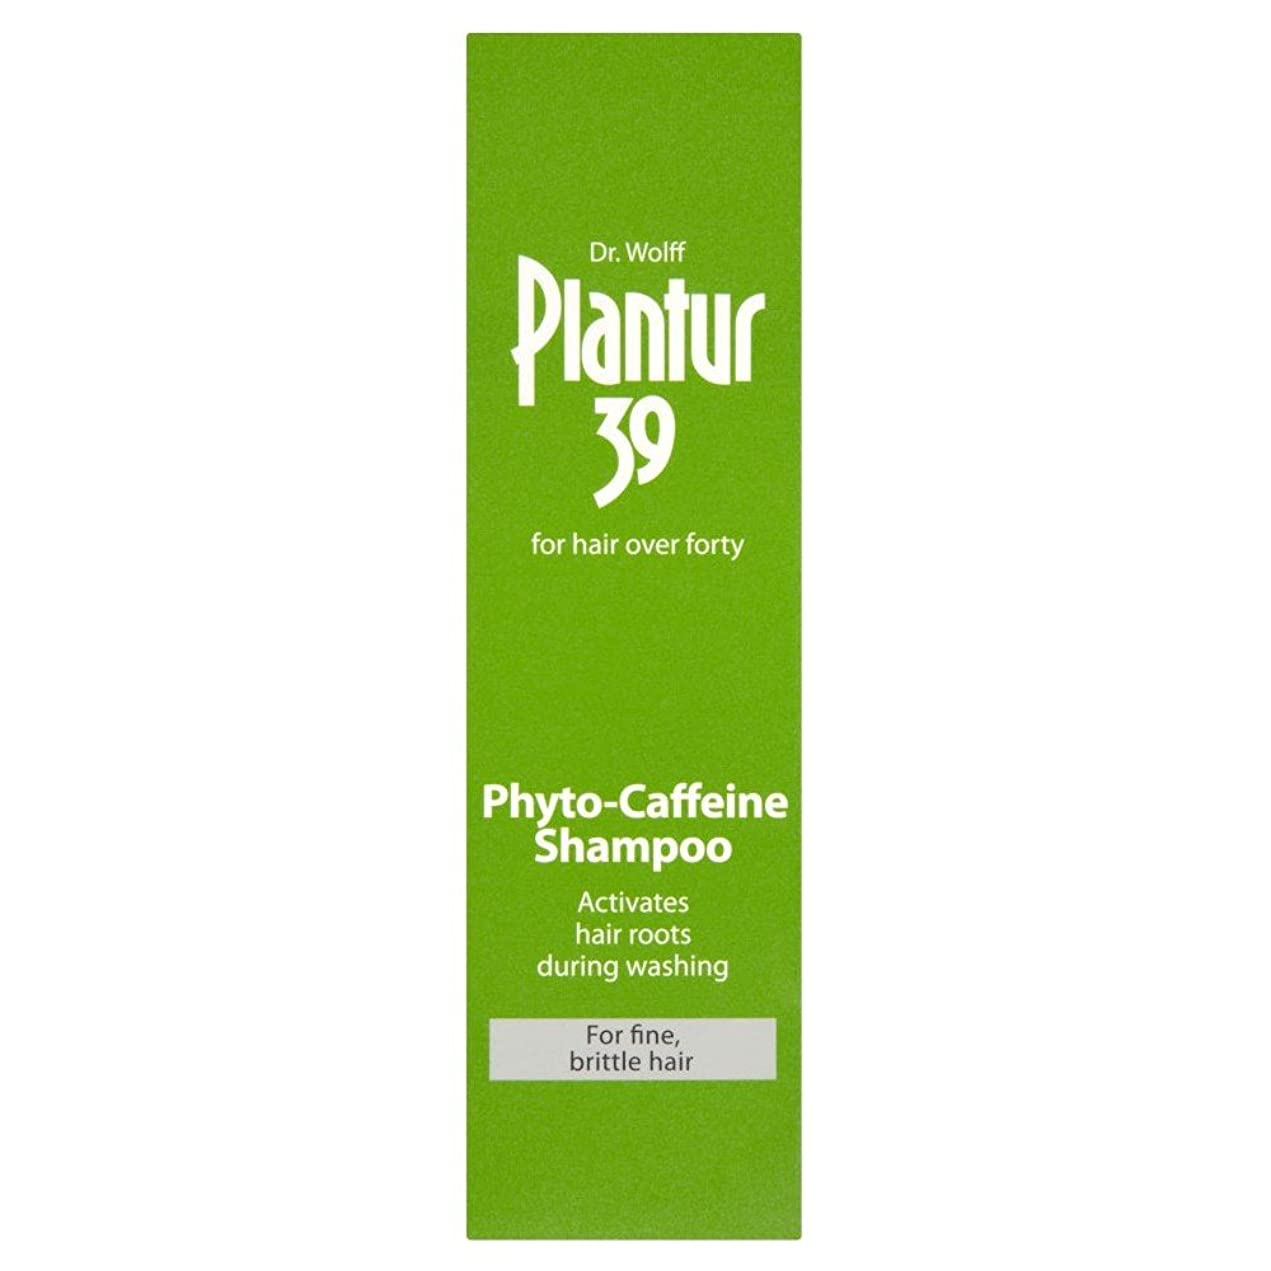 タイムリーな努力腸Plantur 39 Phyto Caffeine Shampoo for Coloured & Stressed Hair (250ml) 色や髪を強調した( 250ミリリットル)のための39フィトのカフェインシャンプーplantur [並行輸入品]